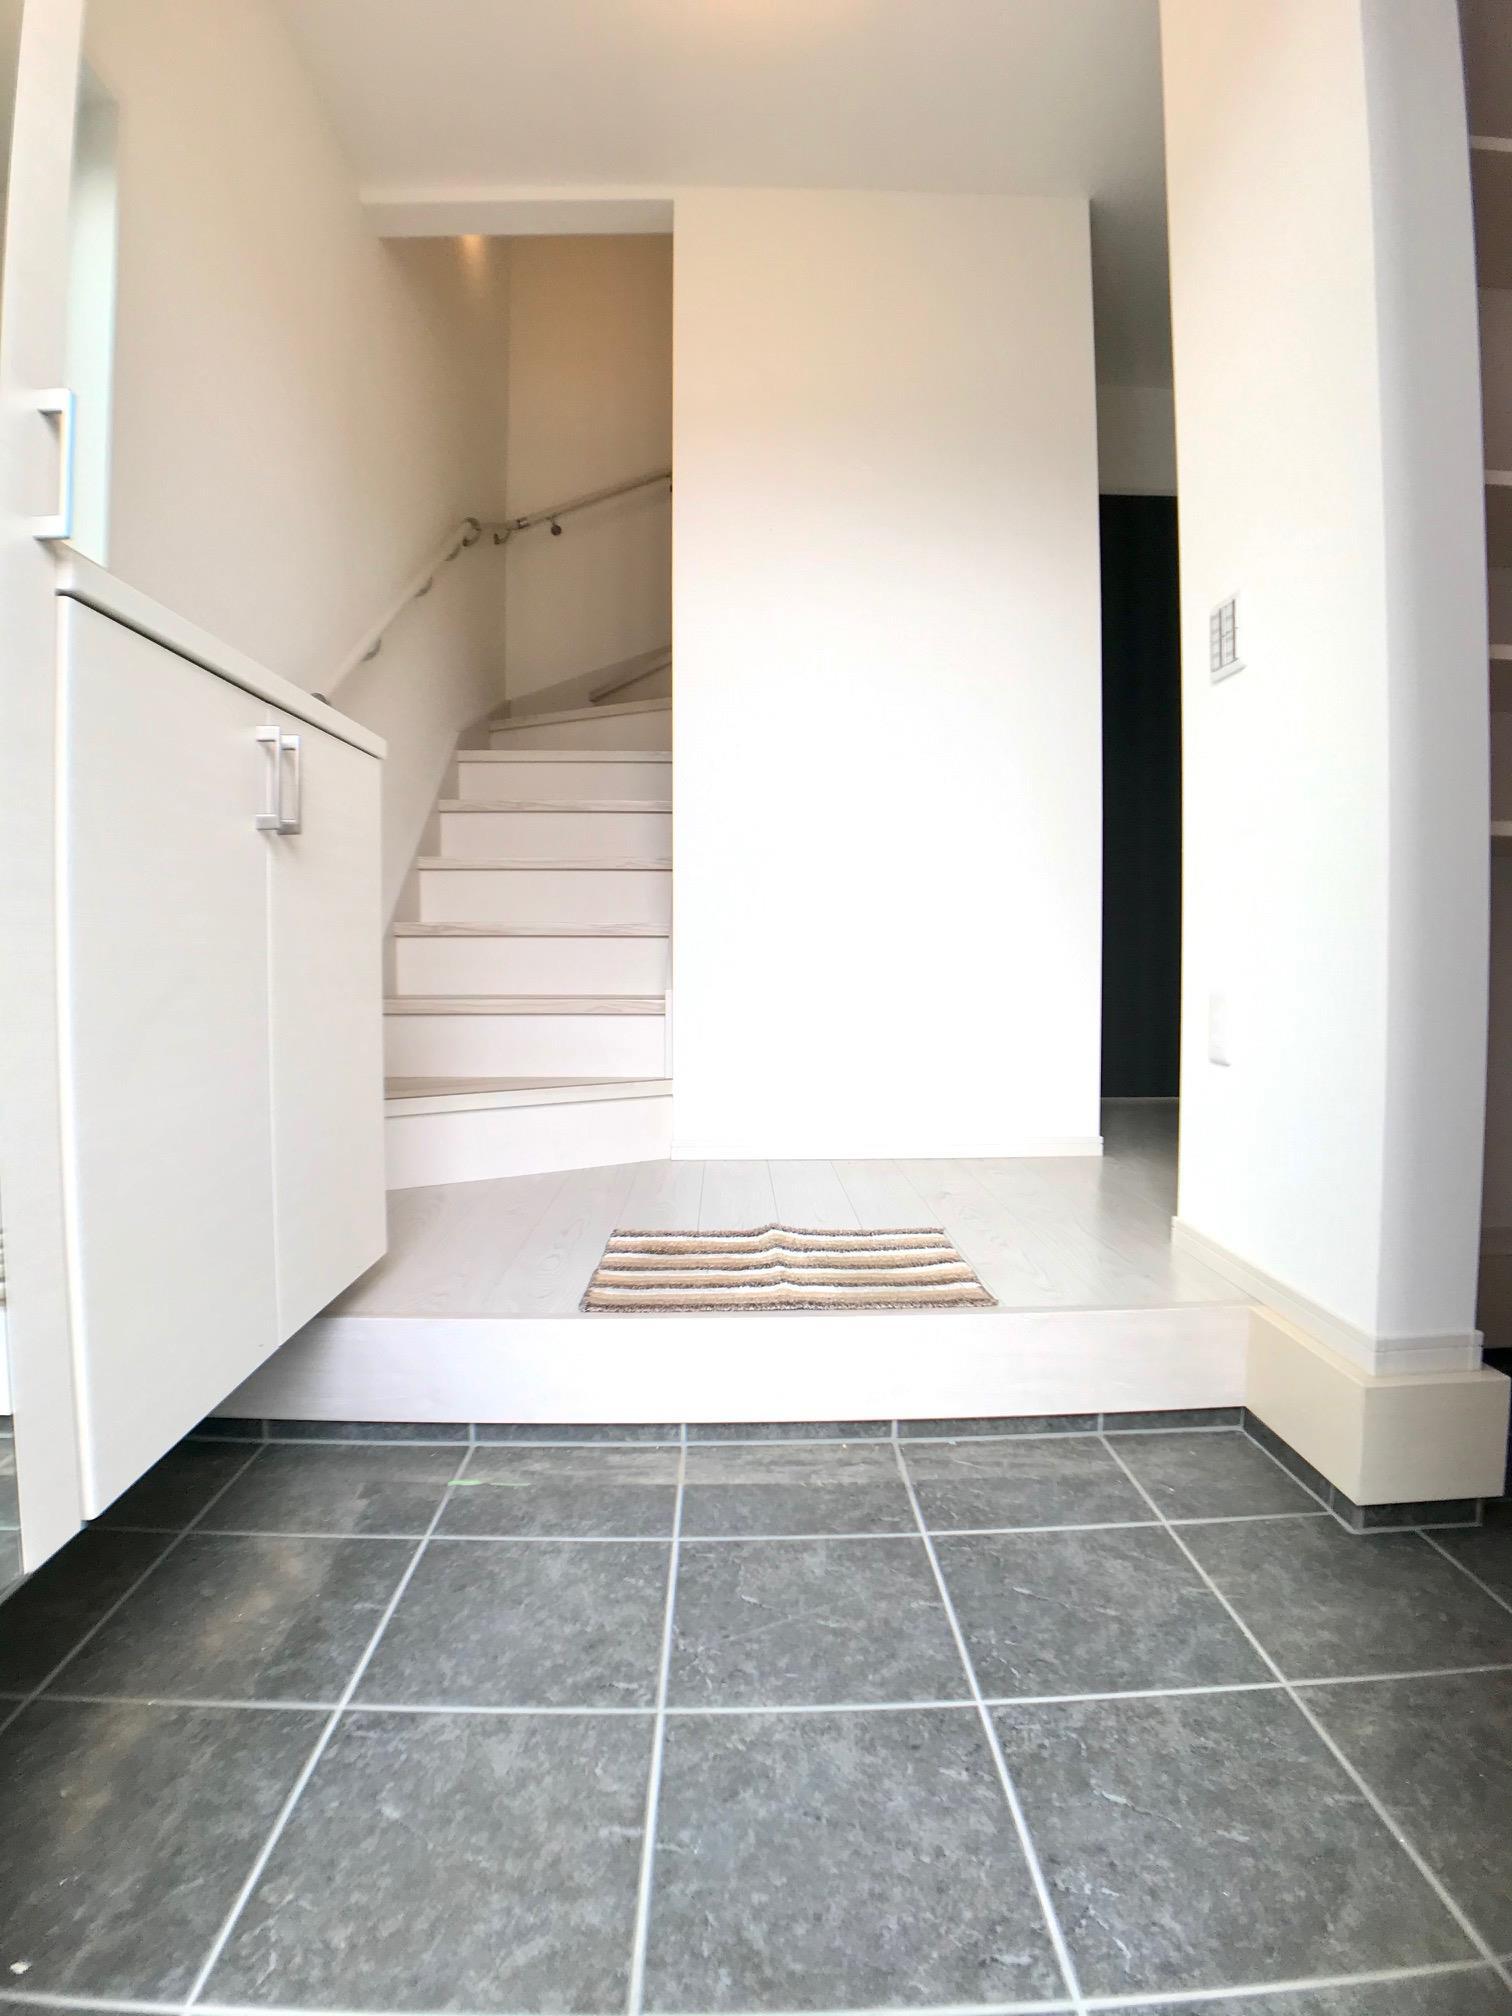 毎日利用する玄関は明るく快適に。採光を考え抜いて造られた玄関は「行き」も「帰り」も優しく家族を送り出し出迎えます。